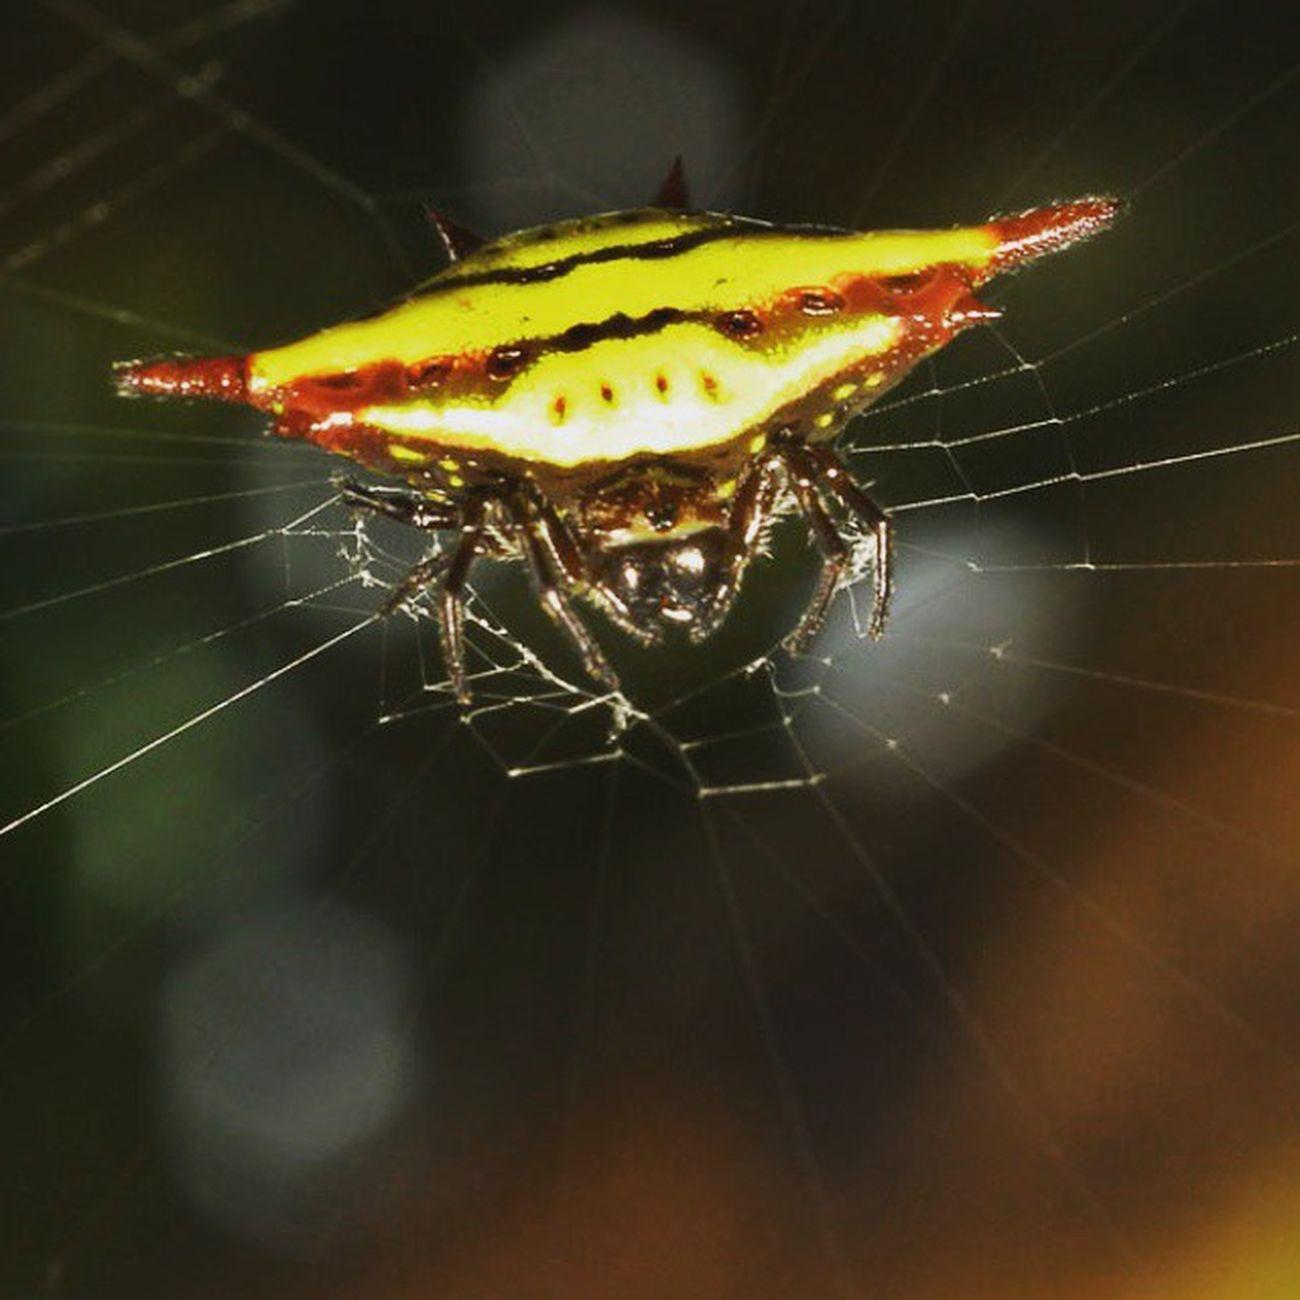 Diagonal spider part 2. Spider Spiderworld Ig_spiders Ig_spider